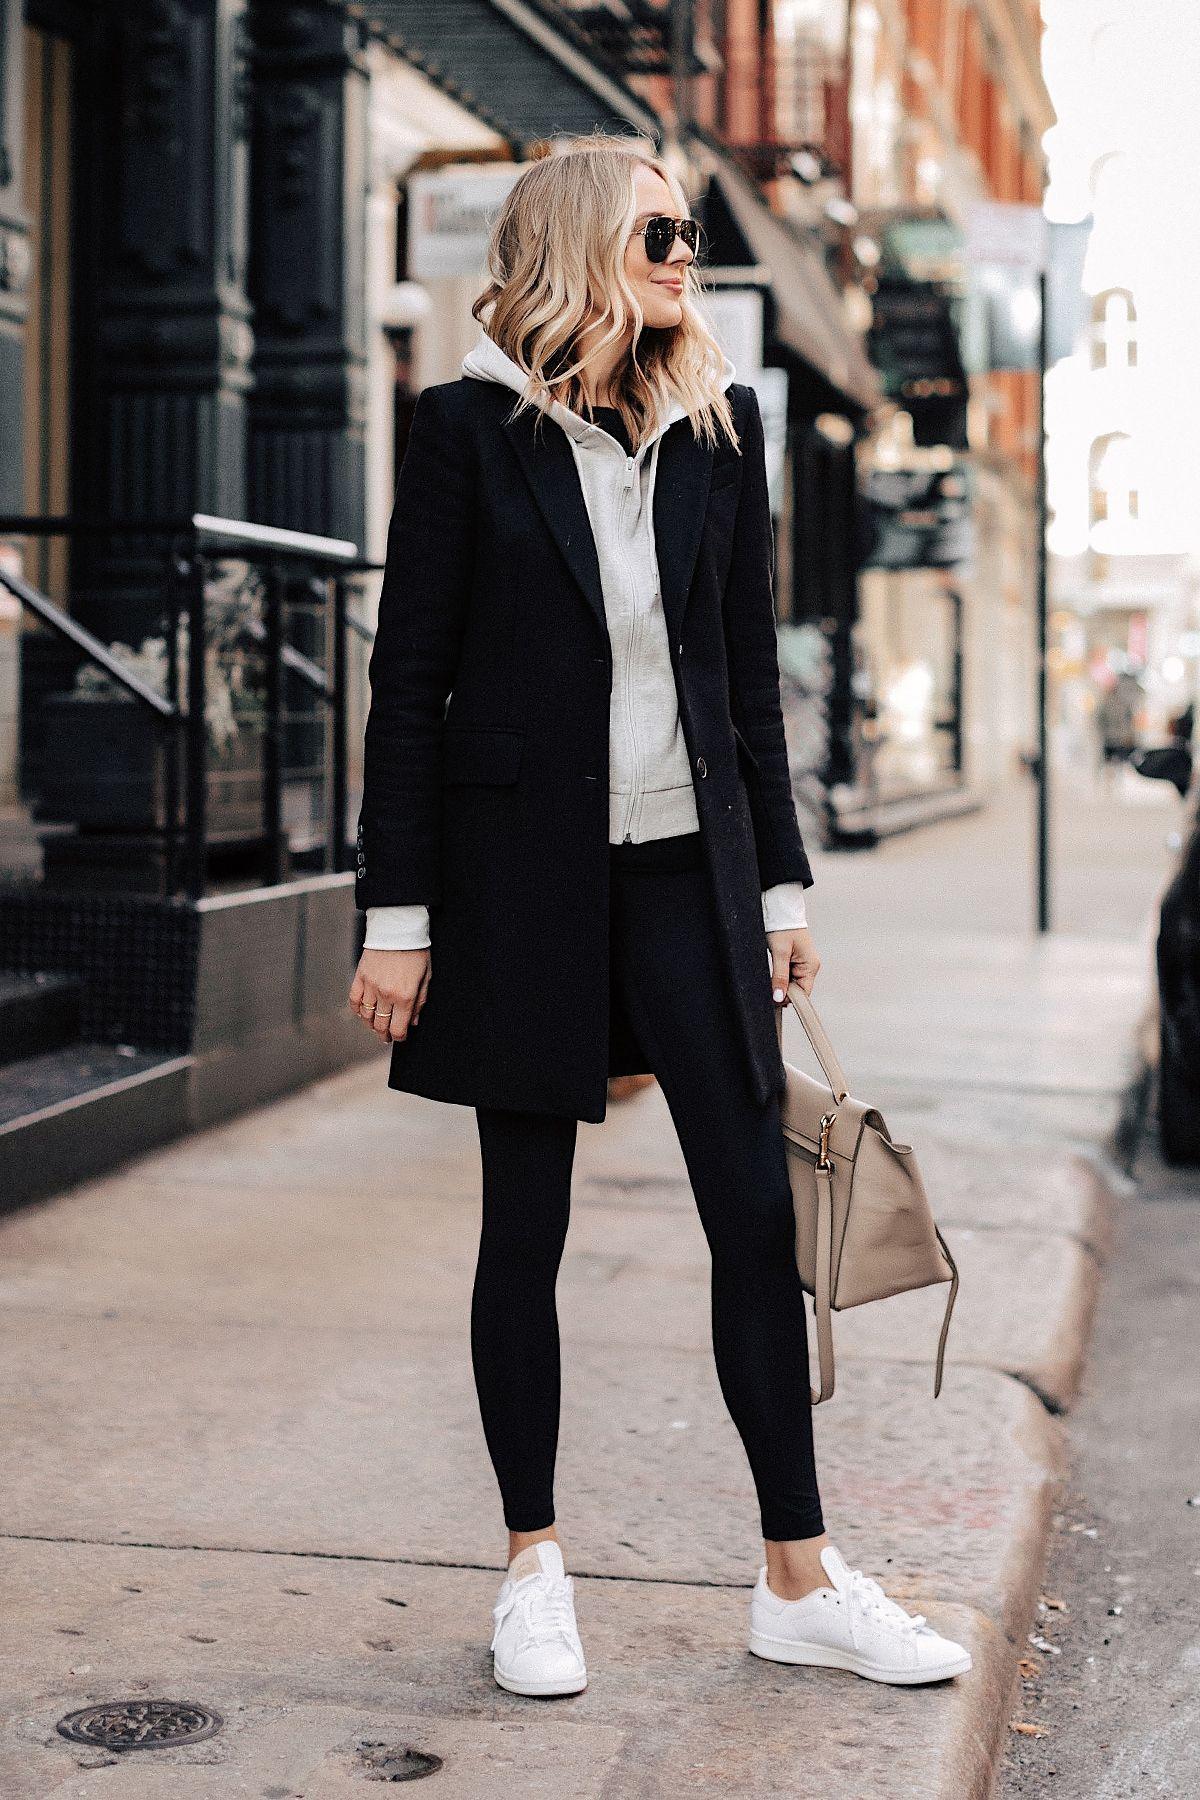 Adidas Stan Smith Sneaker Outfit | Fashion Jackson – Fashion Jackson Wearing Bla… – Street Style